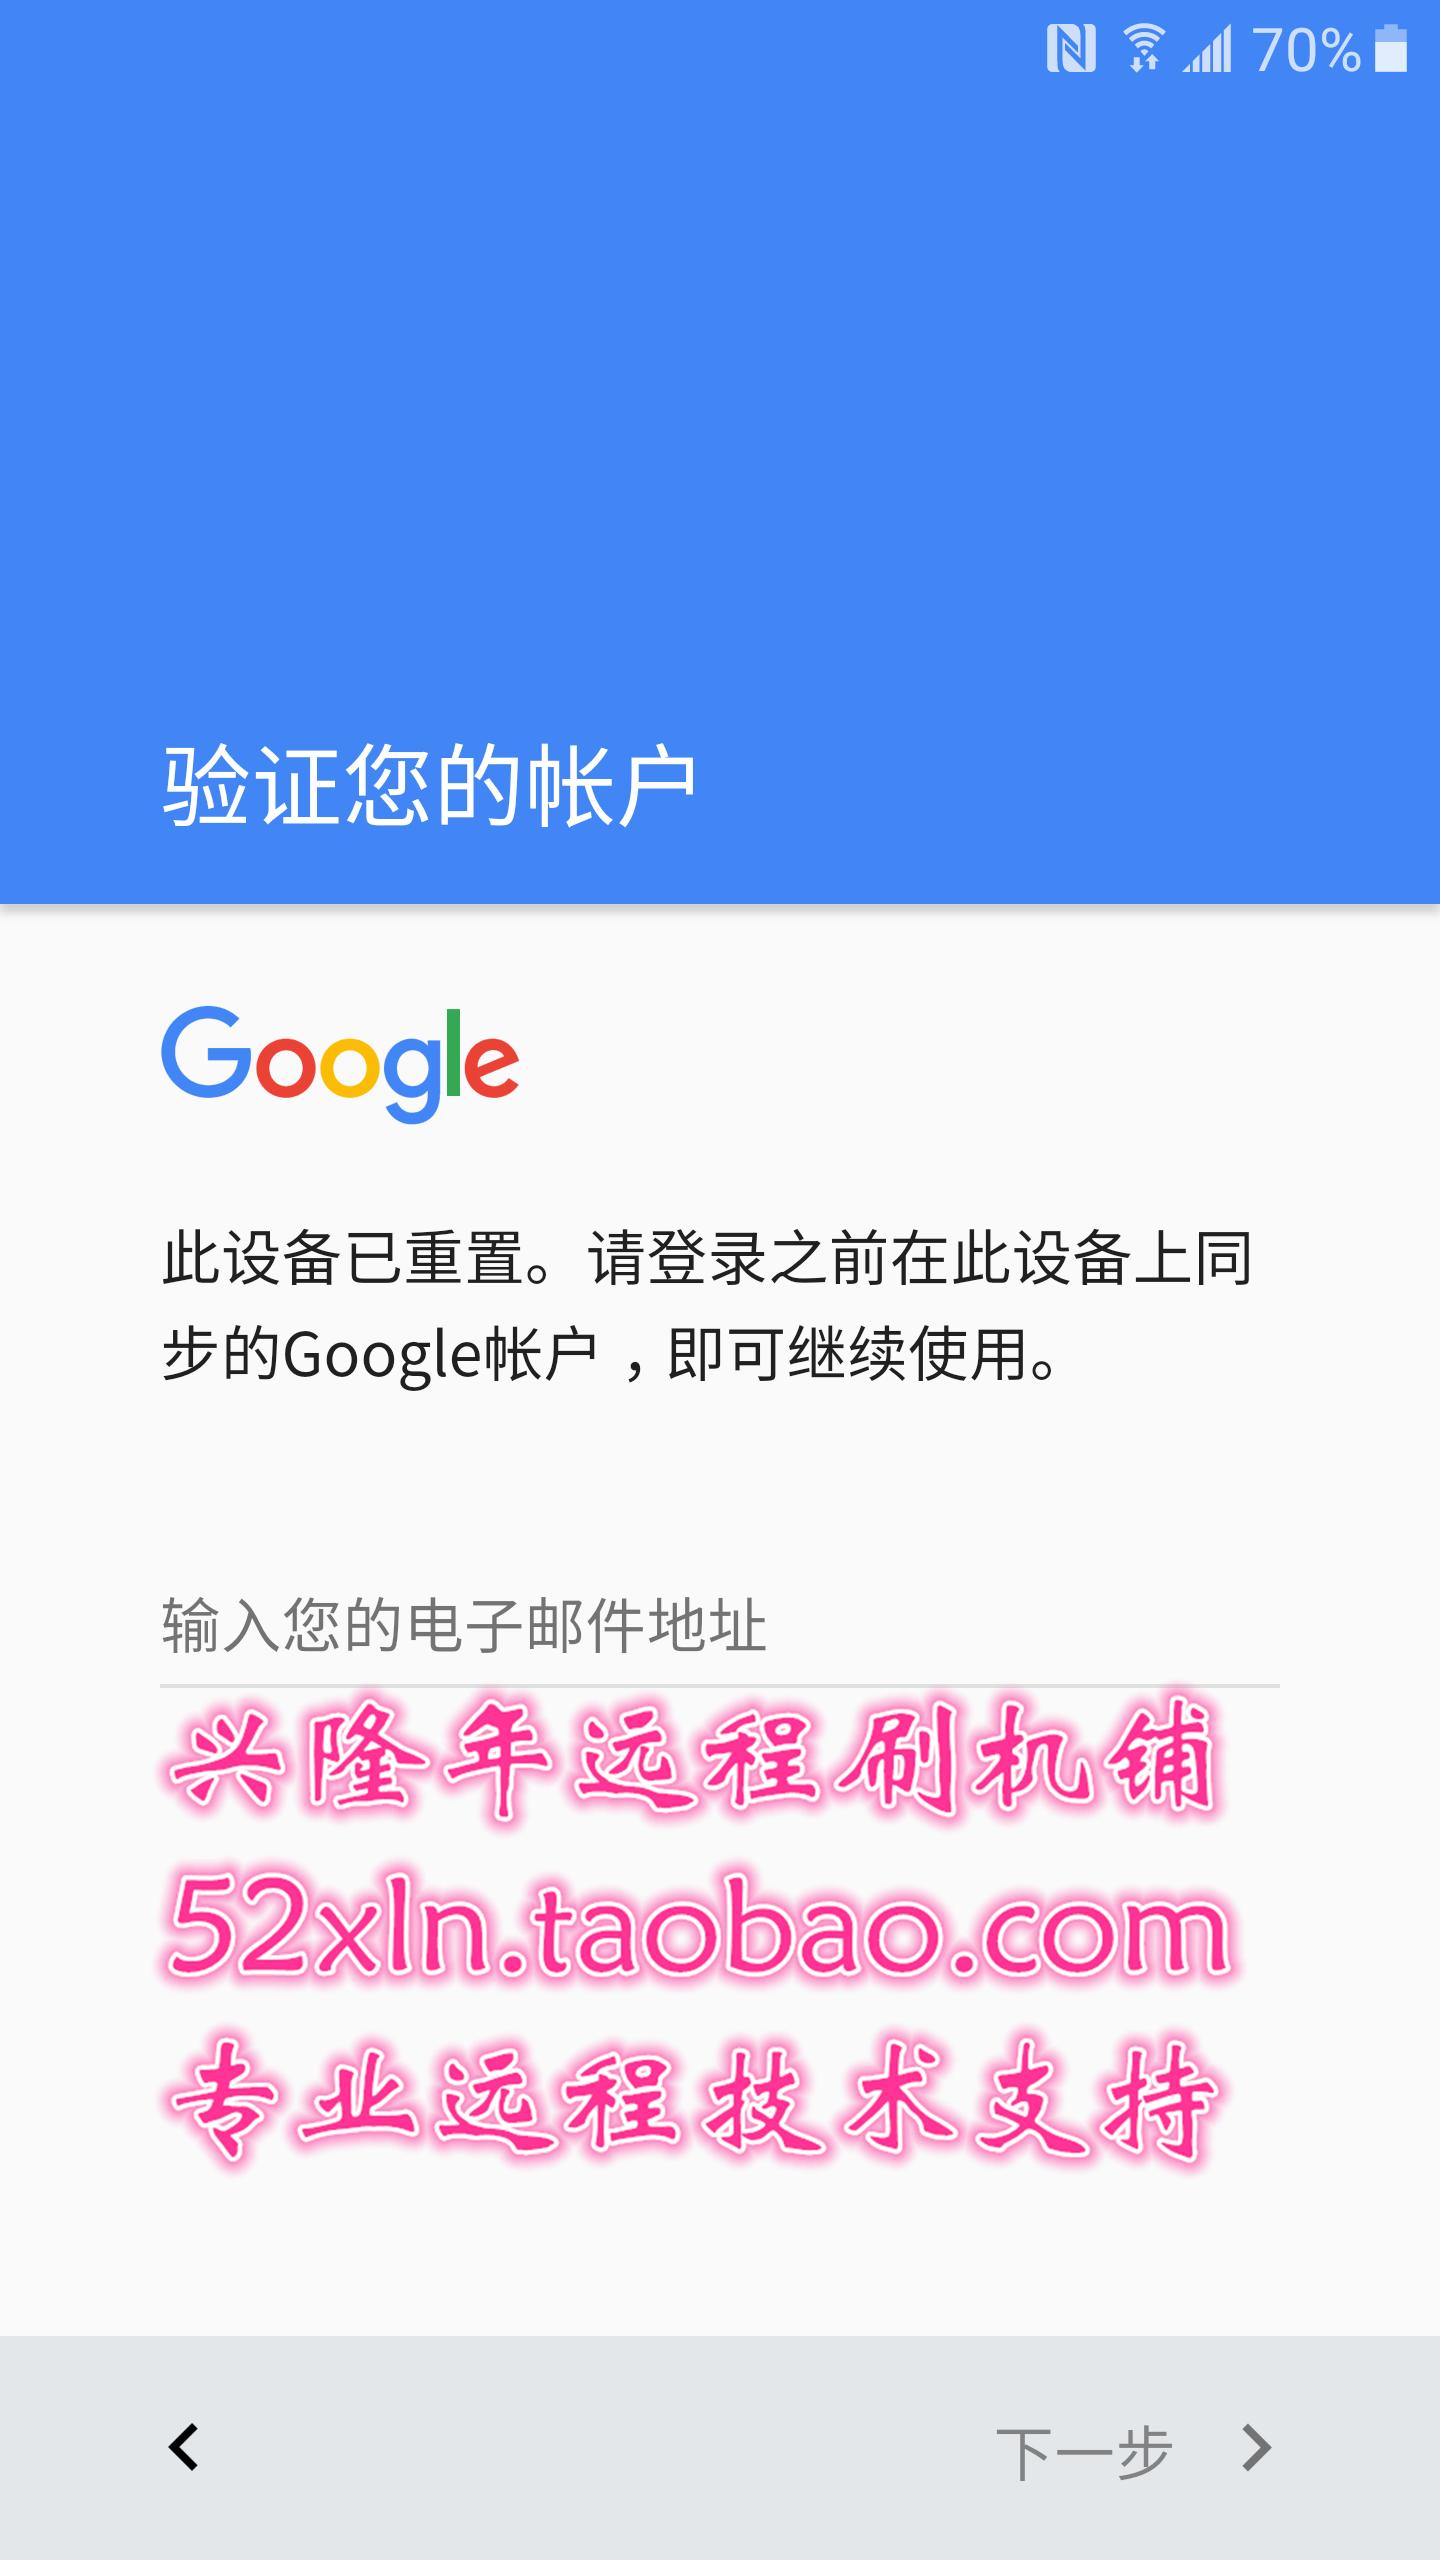 Решение Samsung LG, S6, S7, S8, C5J7NOTE5C7 Google блокирует проверку сетевого подключения Блокировка активации FRP